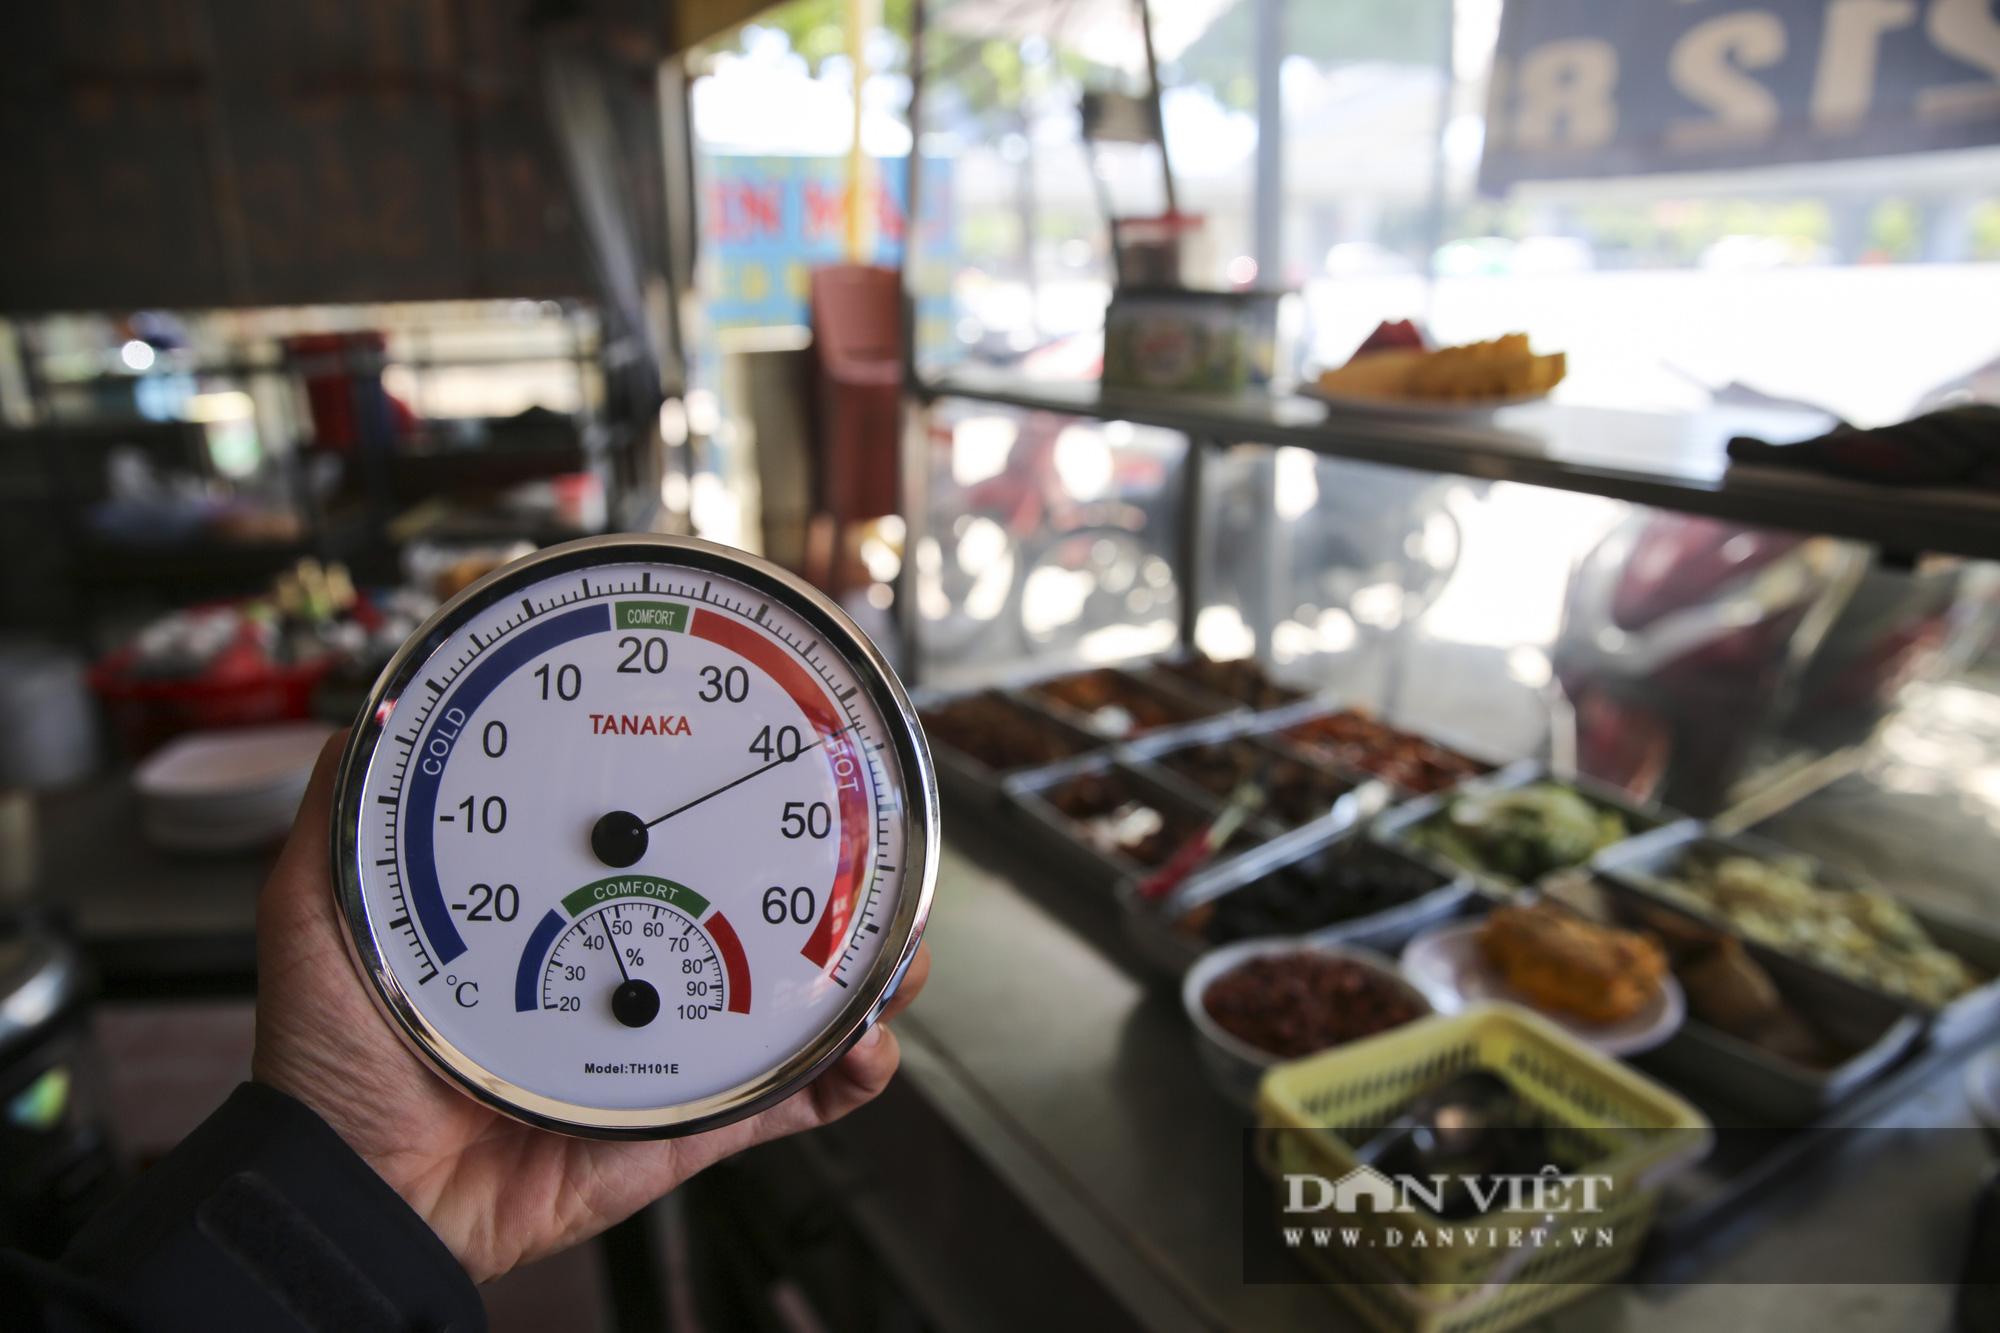 Hà Nội: Nhiệt độ mặt đường nóng hơn 60 độ C khiến ảo ảnh xuất hiện - Ảnh 6.